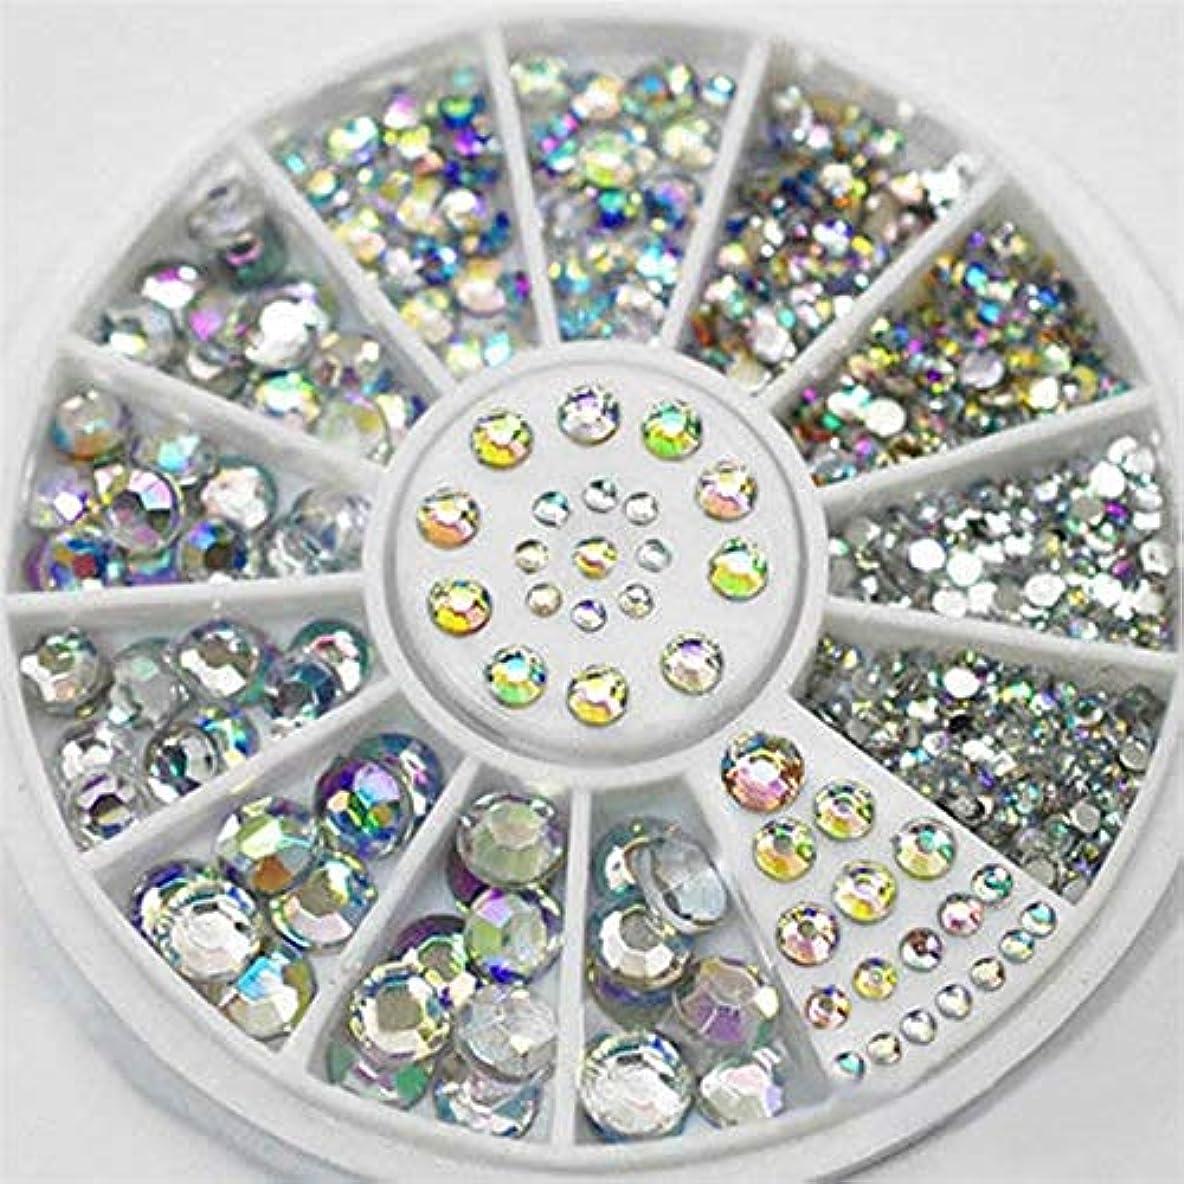 Yan 5ピースdiyカラーアクリルダイヤモンドネイルアートホイールのヒントクリスタルグリッターラインストーン3dネイルアートの装飾